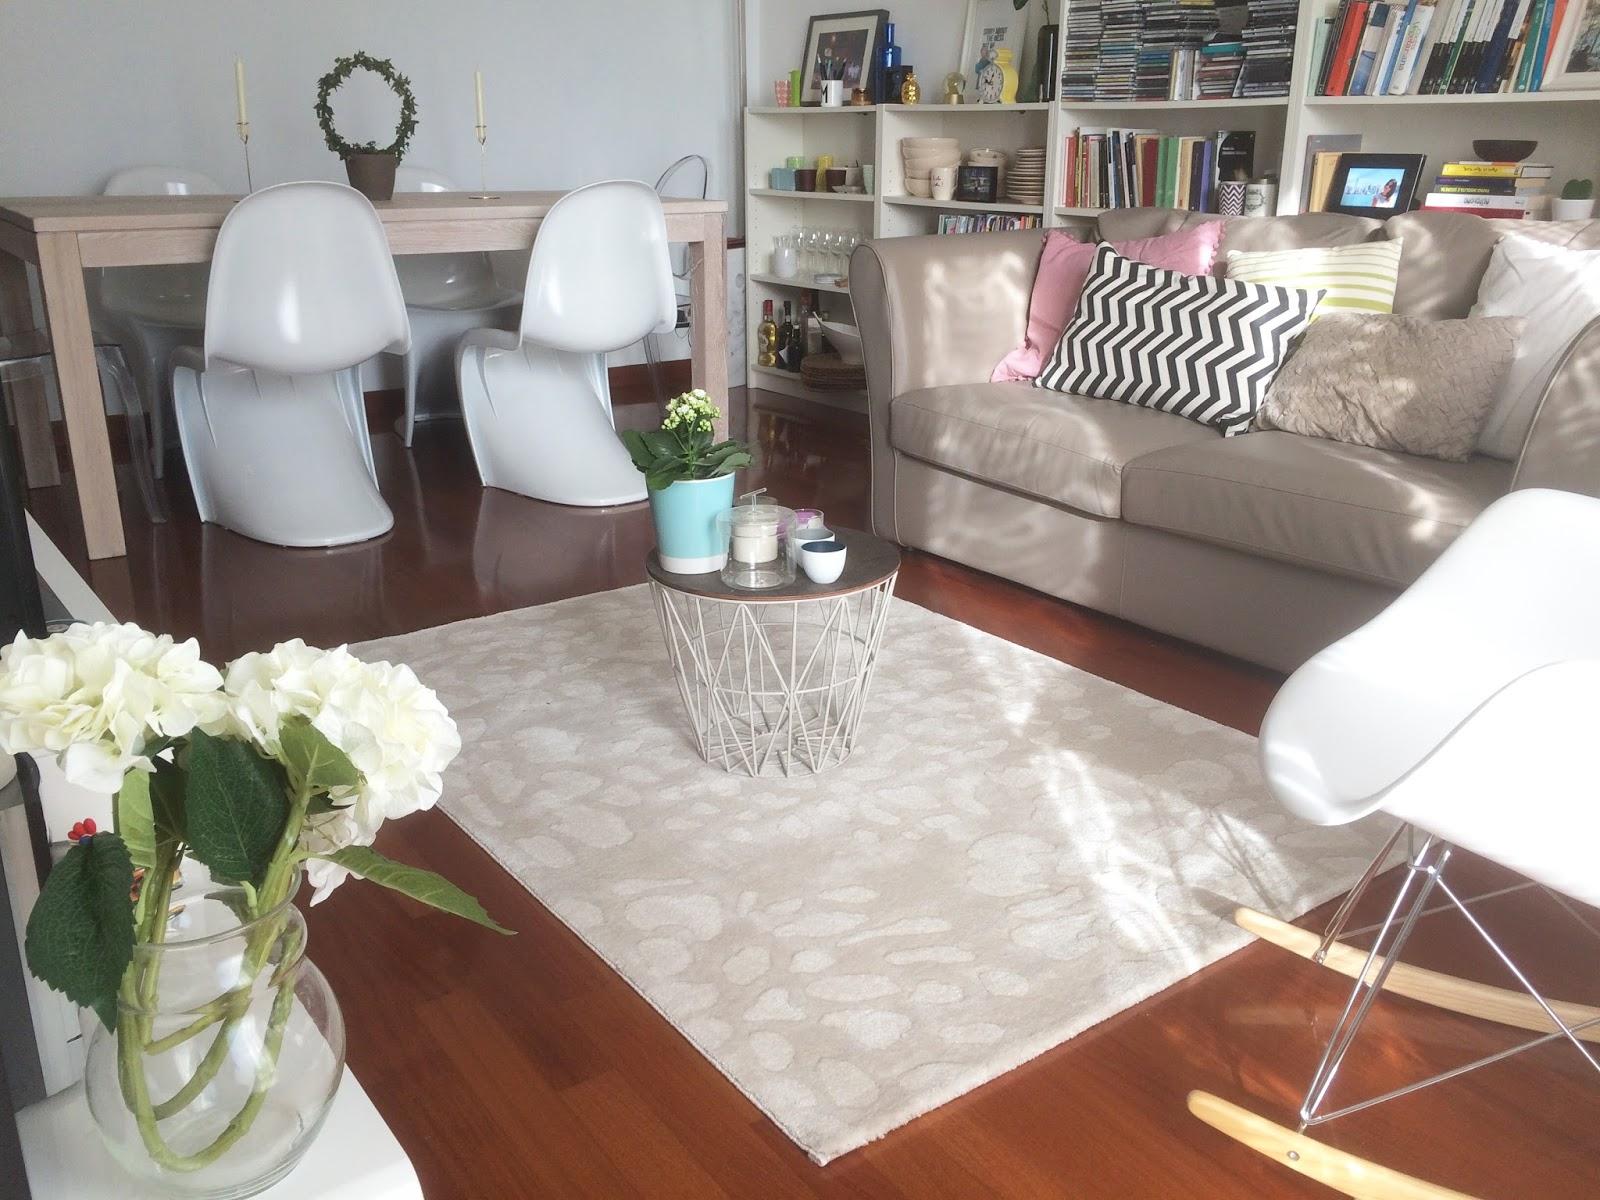 lifestyle quando un tappeto cambia il living secondo lucy. Black Bedroom Furniture Sets. Home Design Ideas